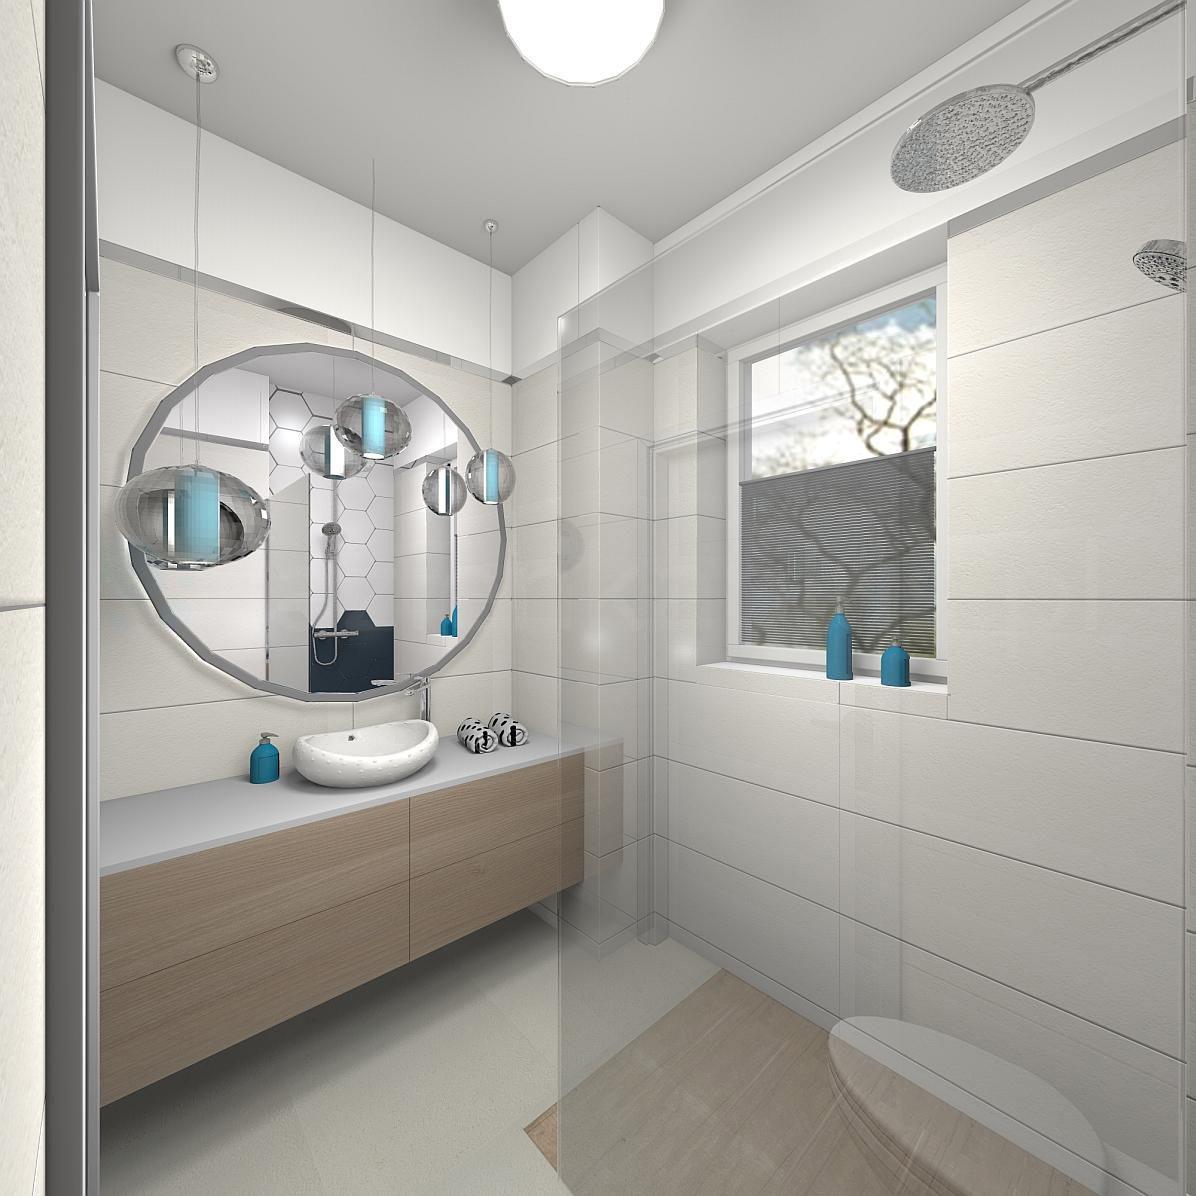 Nowoczesna łazienka z błękitnymi akcesoriami